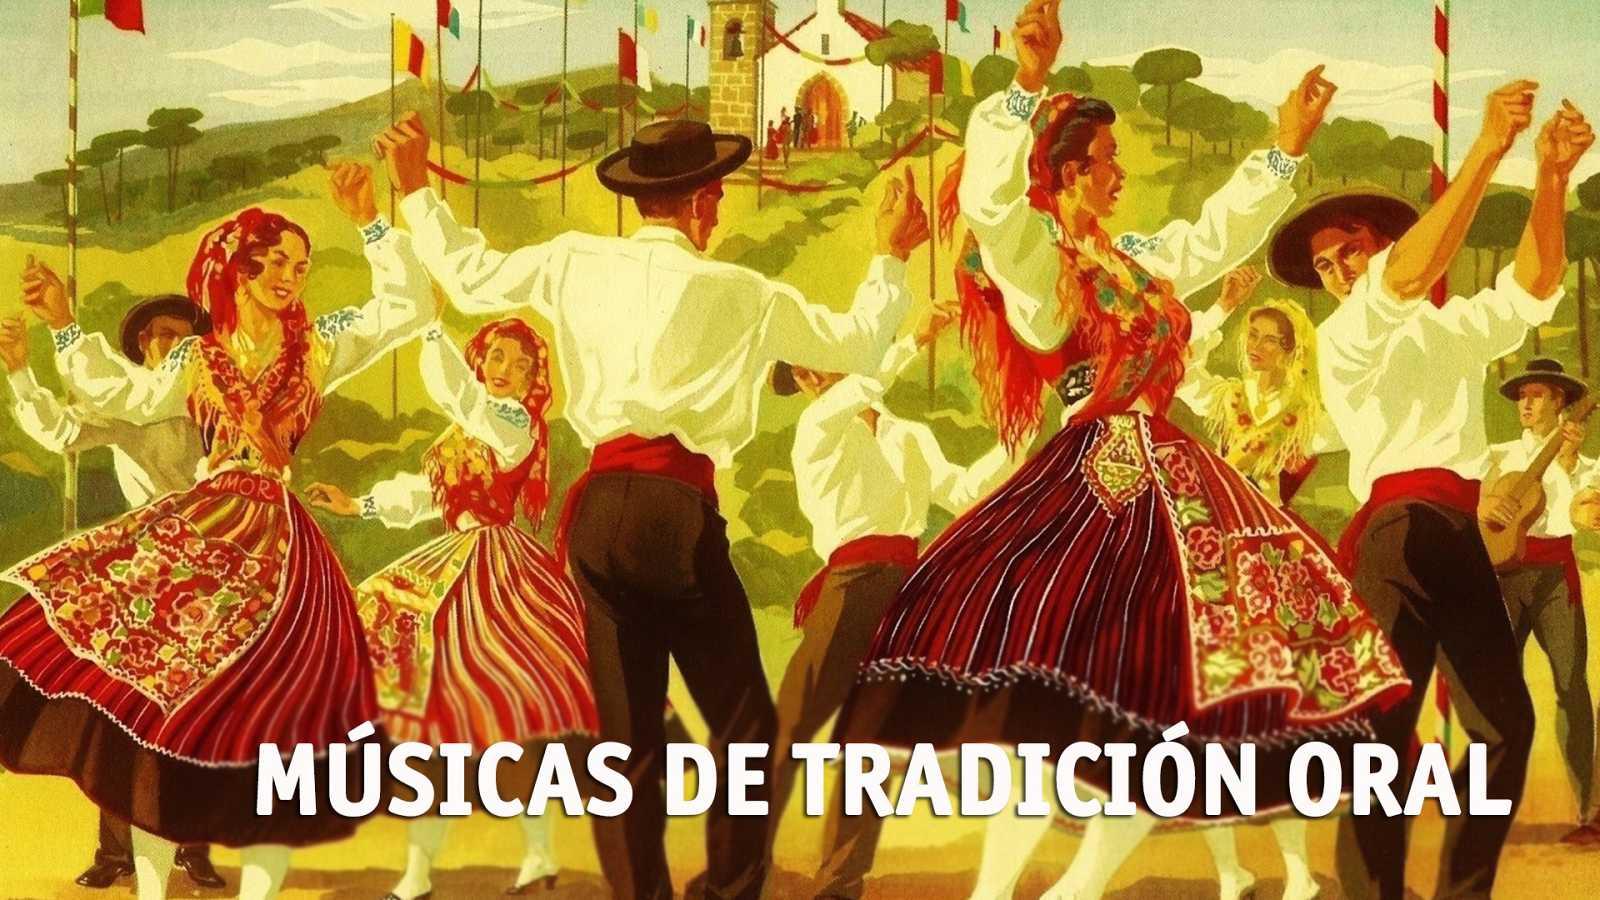 Músicas de tradición oral - De Galicia a los Monegros - 04/03/18 - escuchar ahora